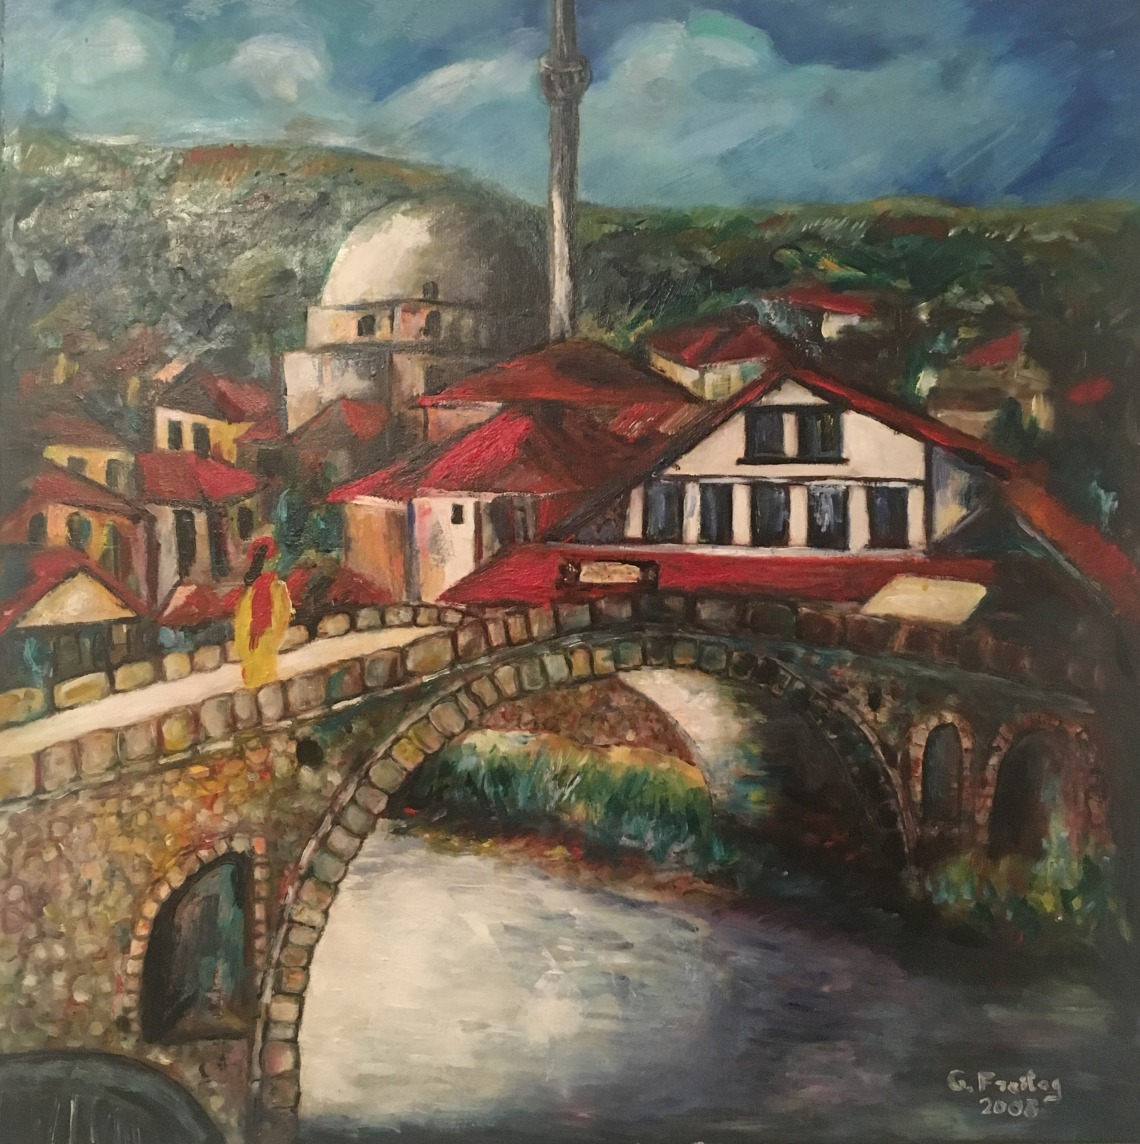 Steinbrücke in Prizren 1 by Gazmend Freitag, 2008